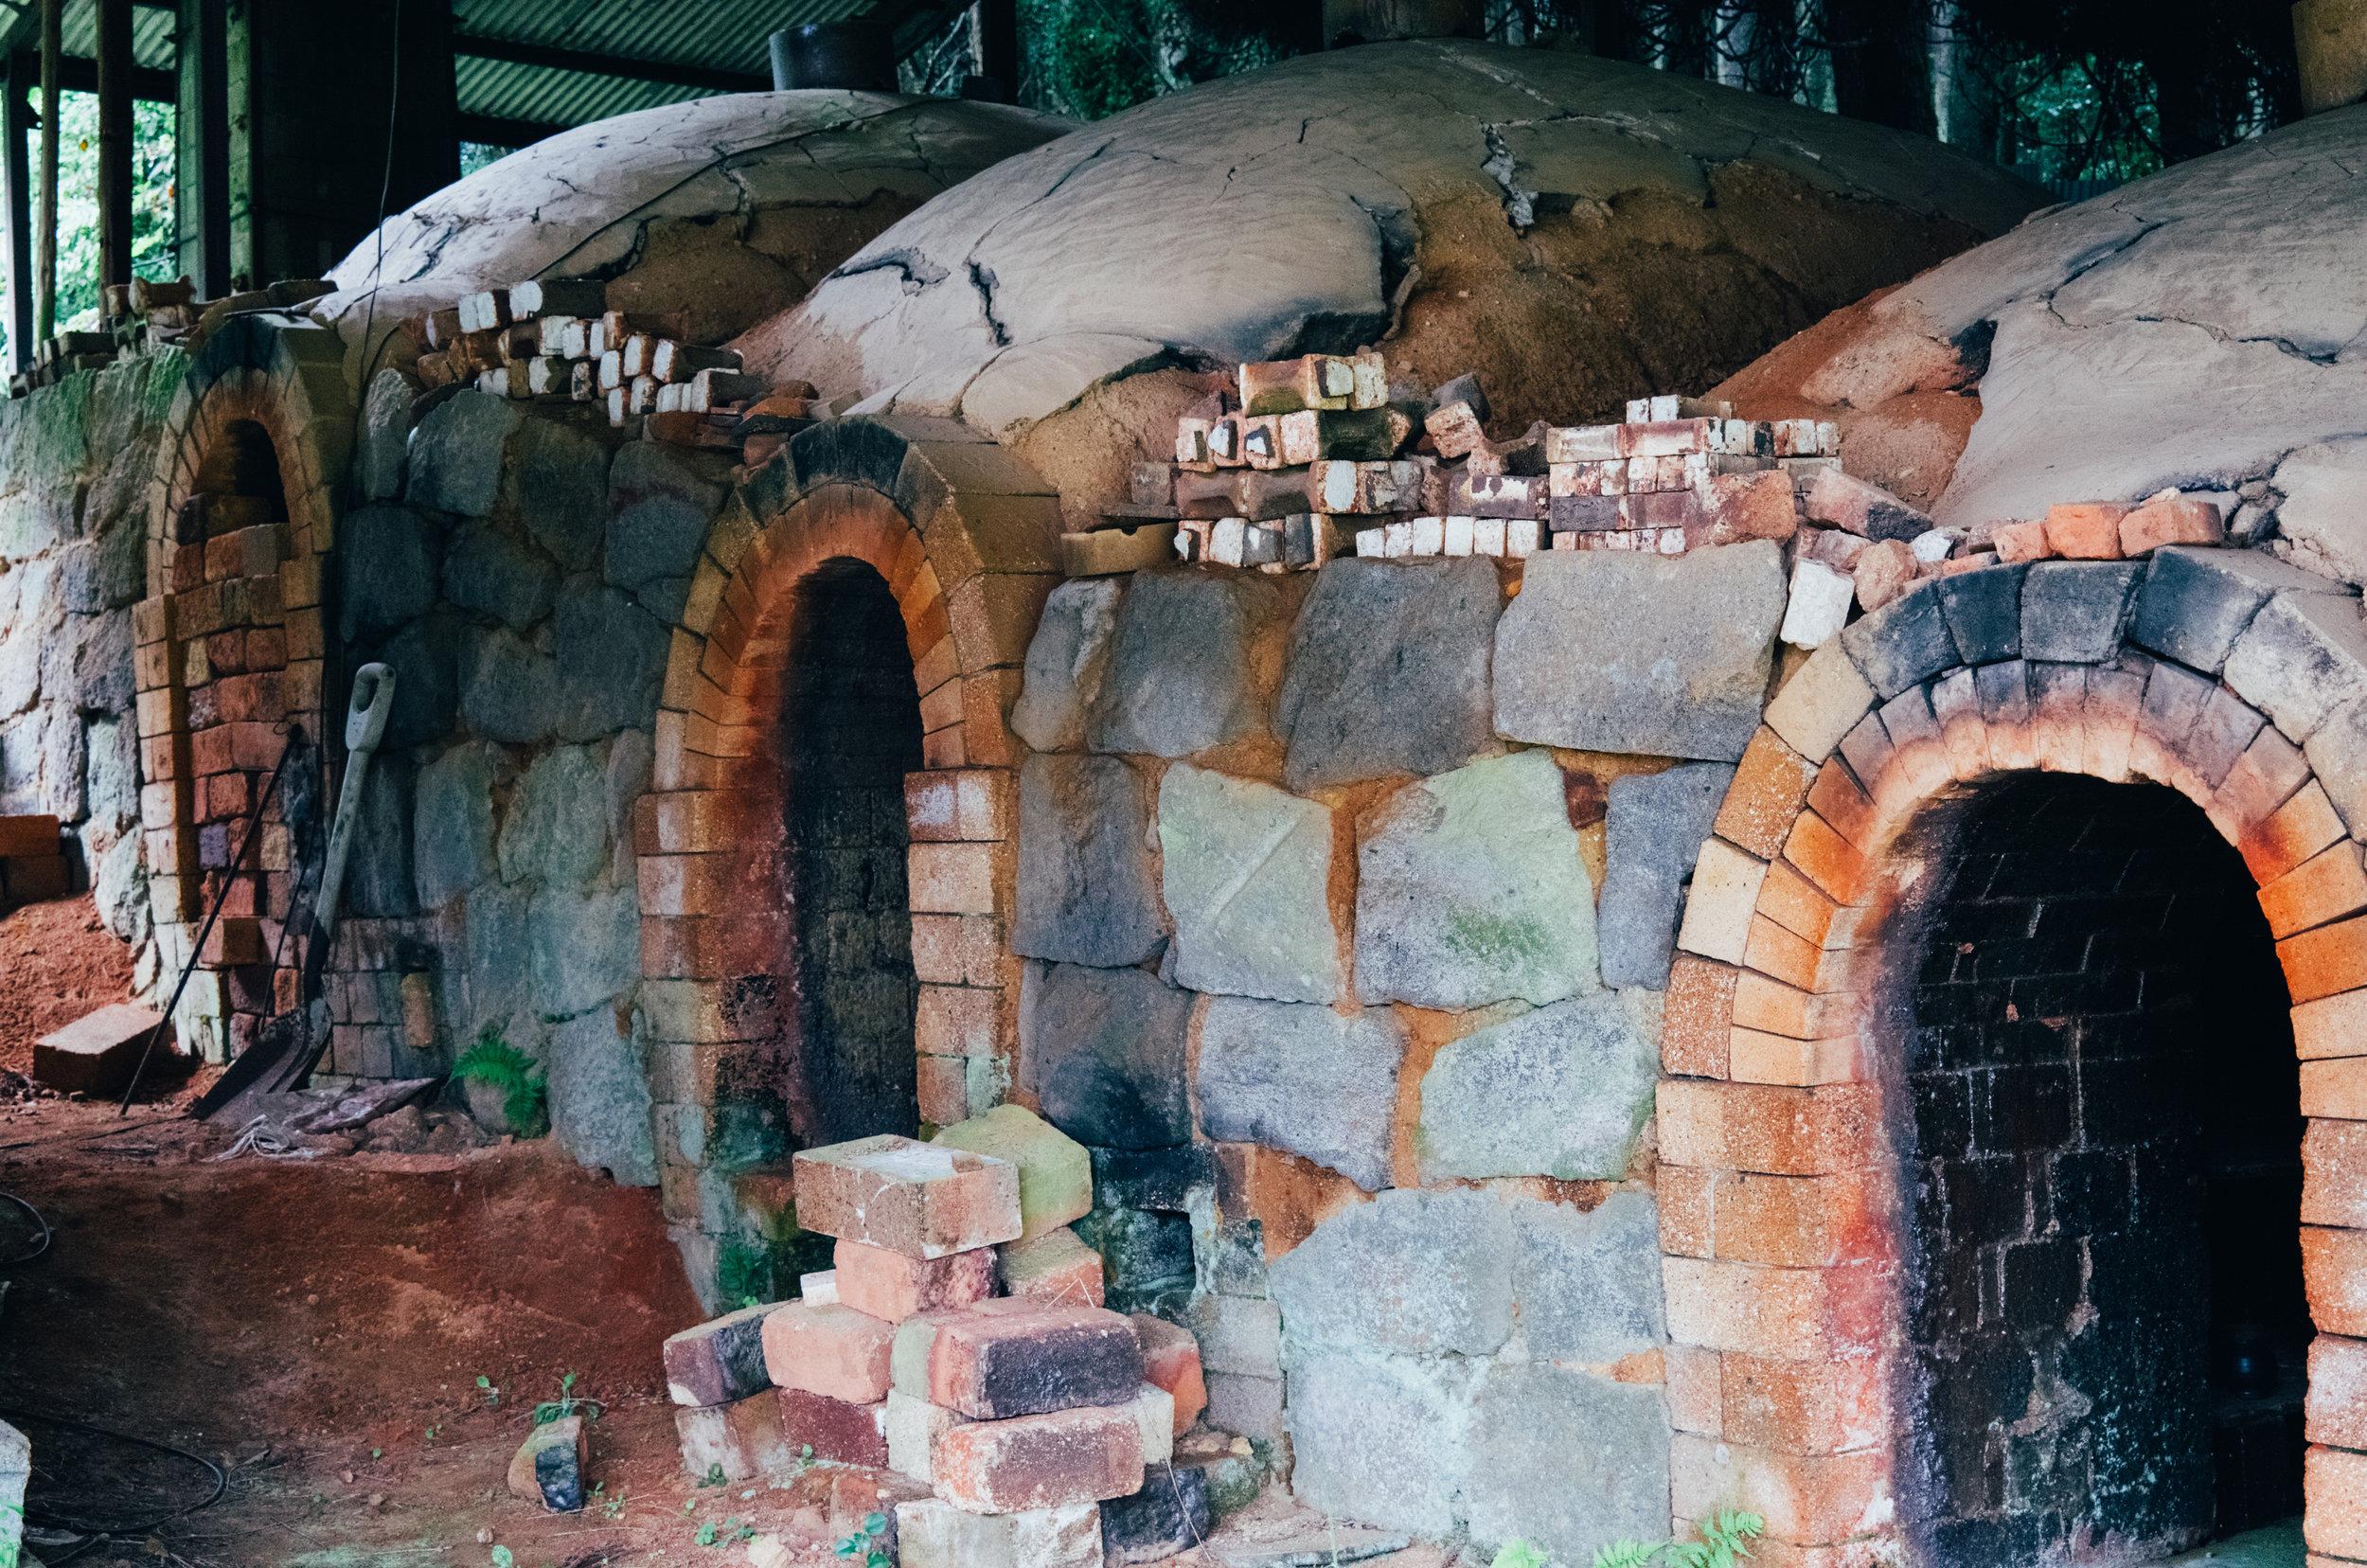 Koishiwara Ware Kiln